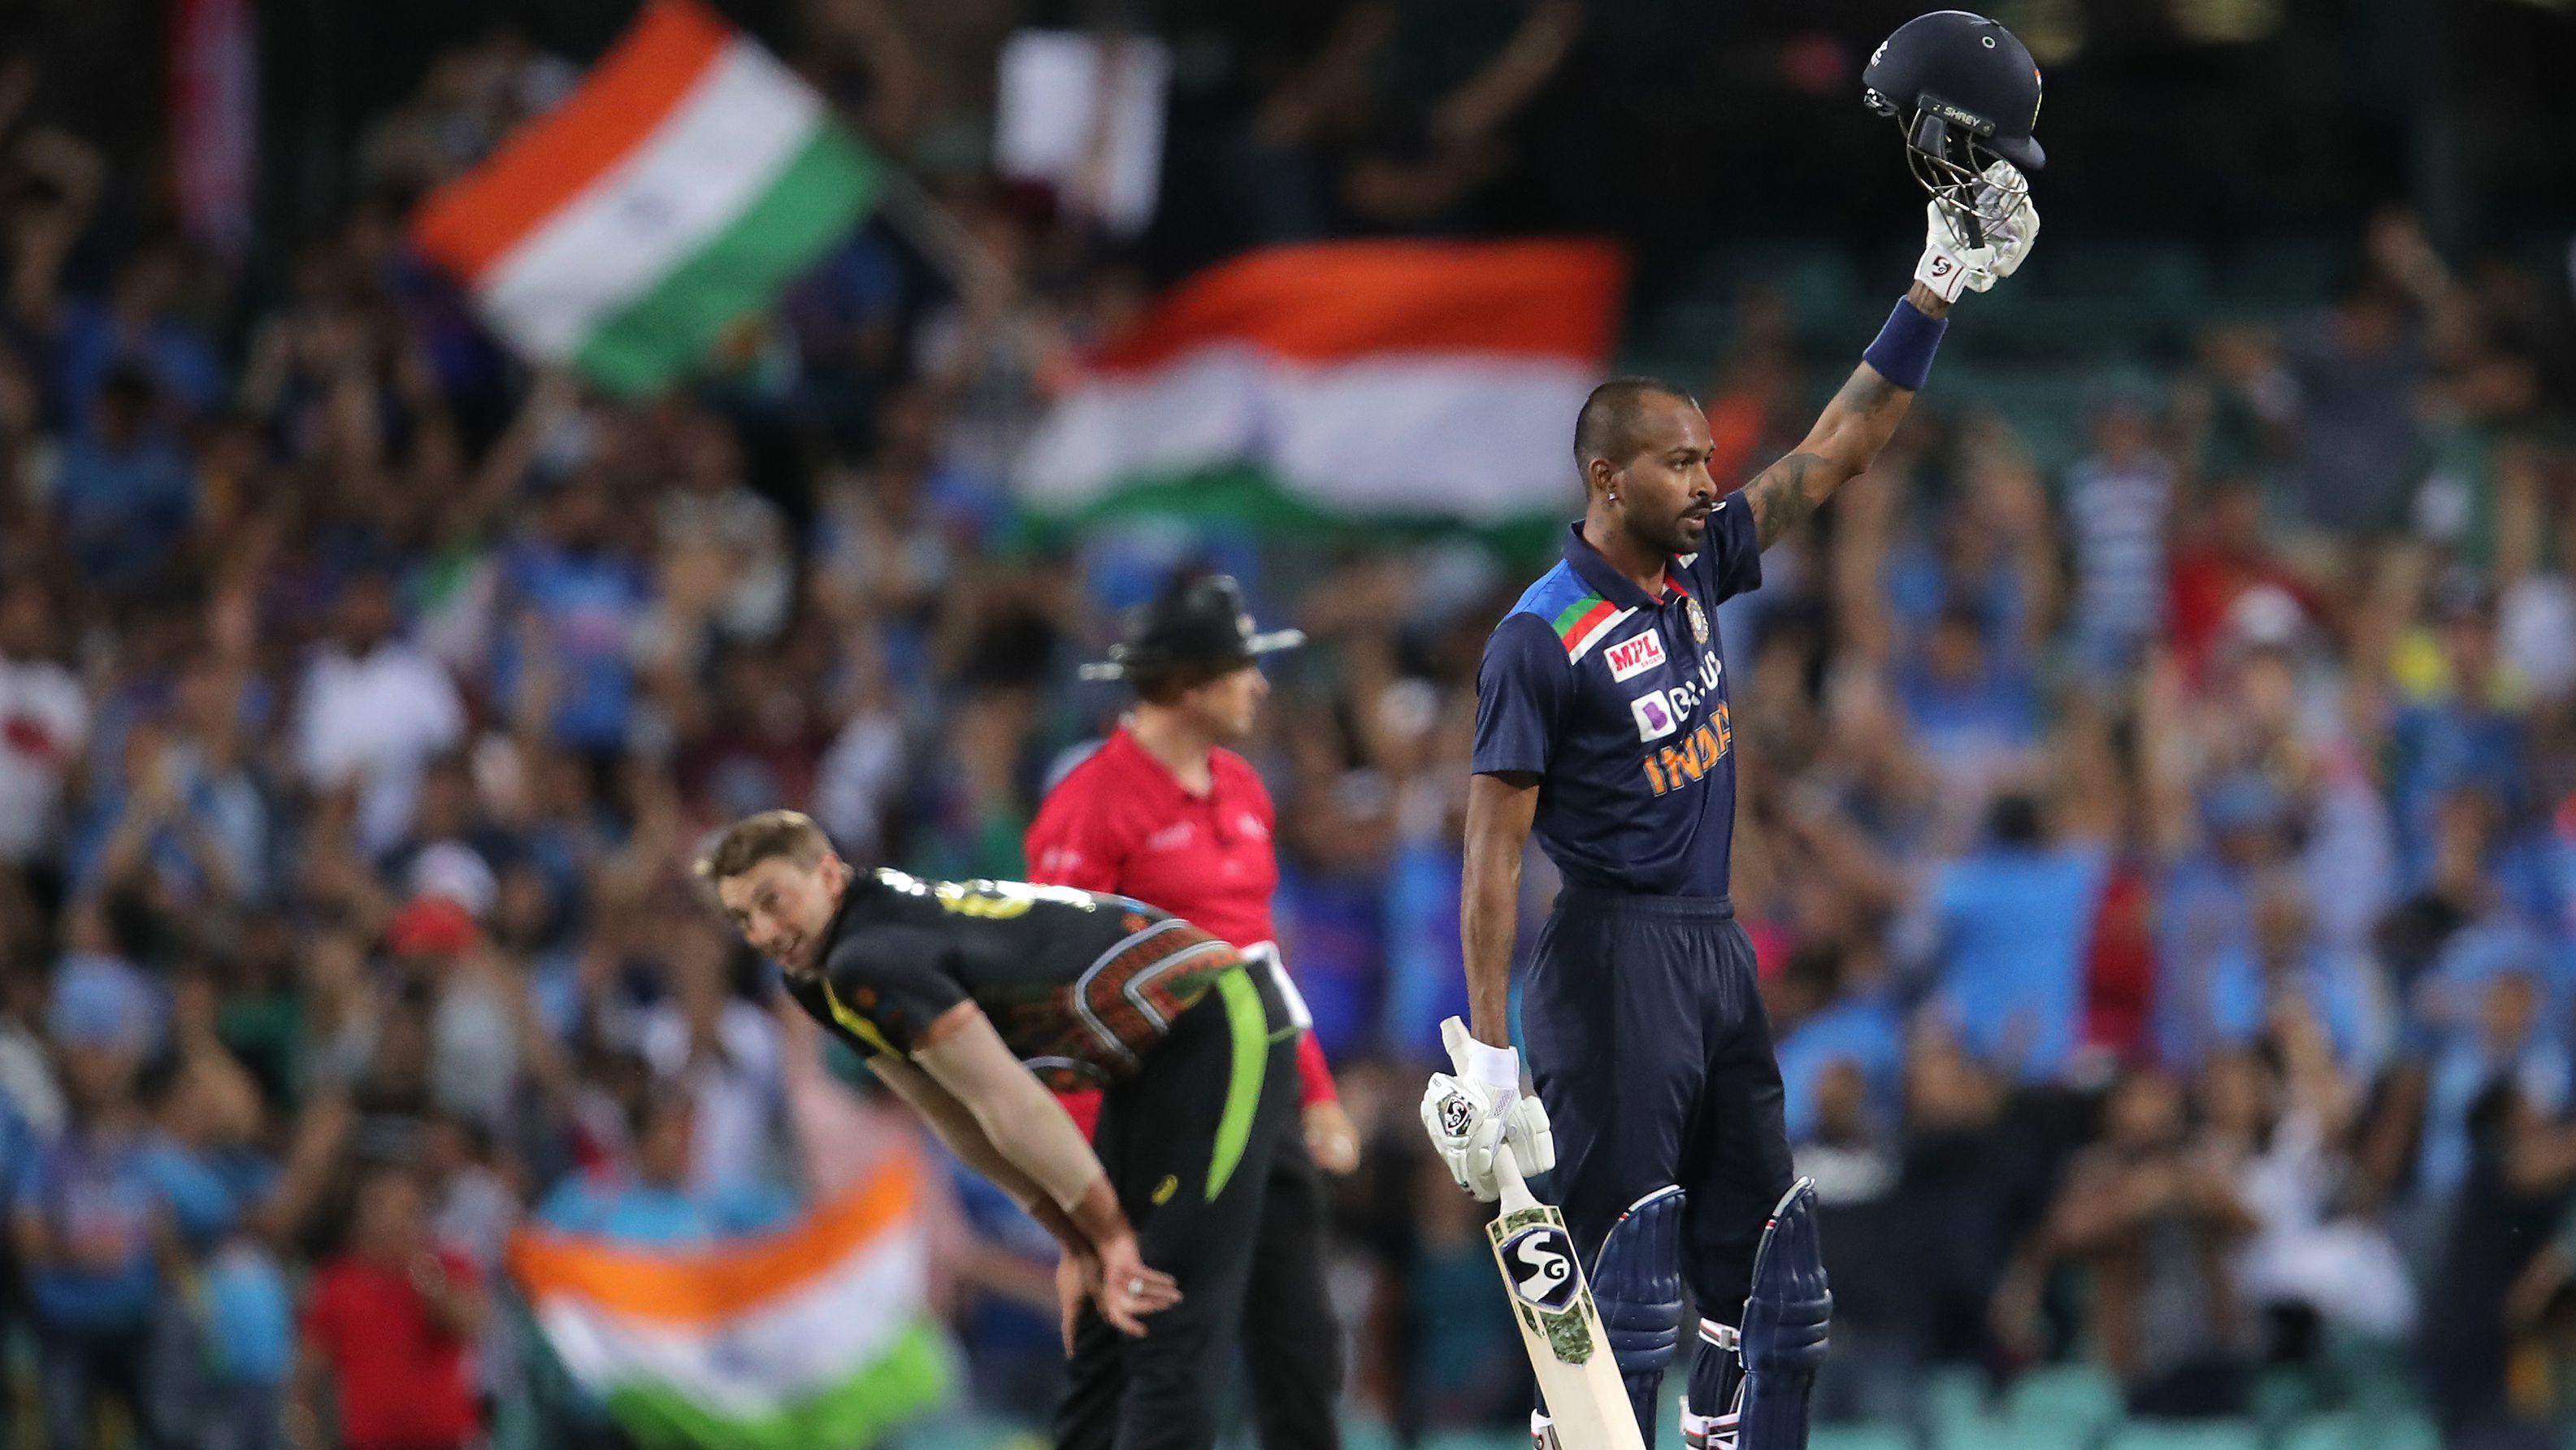 Hardik Pandya of India celebrates winning game two.